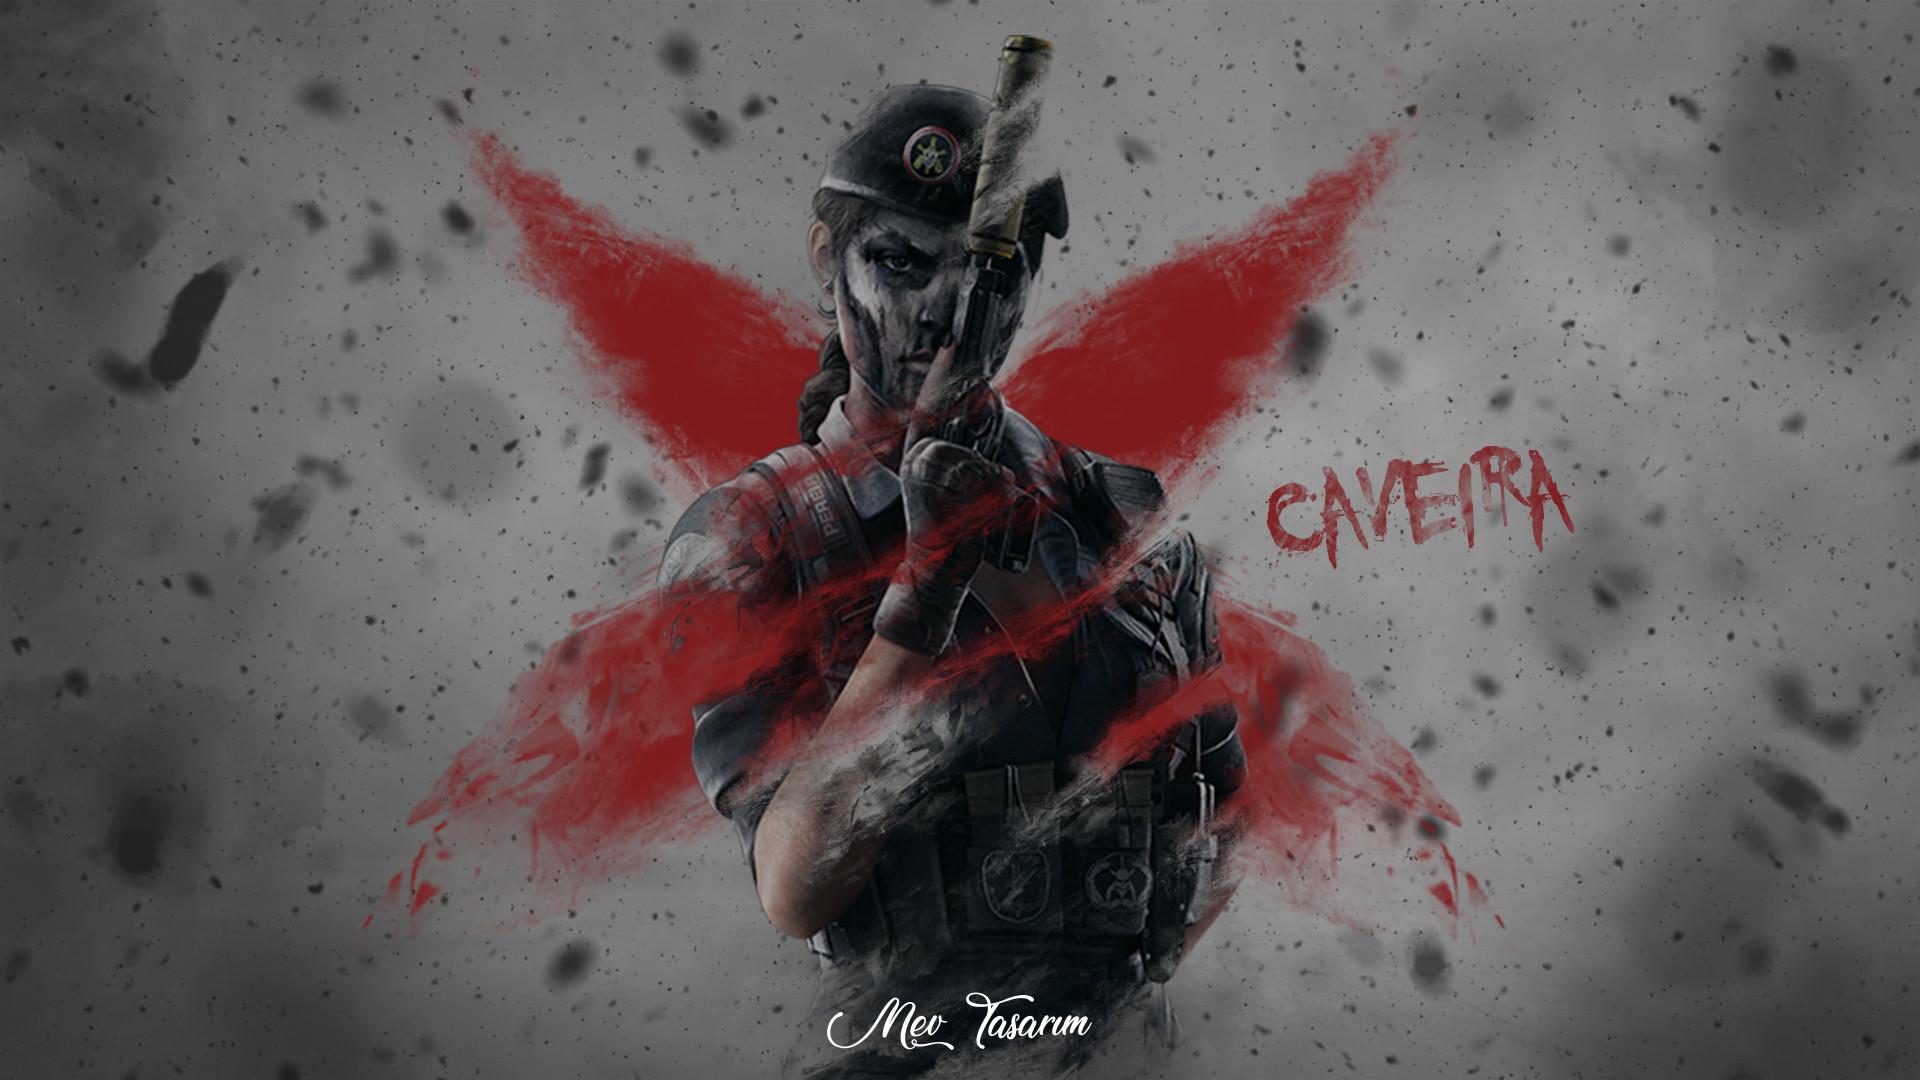 Mustafa Eren Vural Rainbow Six Siege Caveira Wallpaper Mev